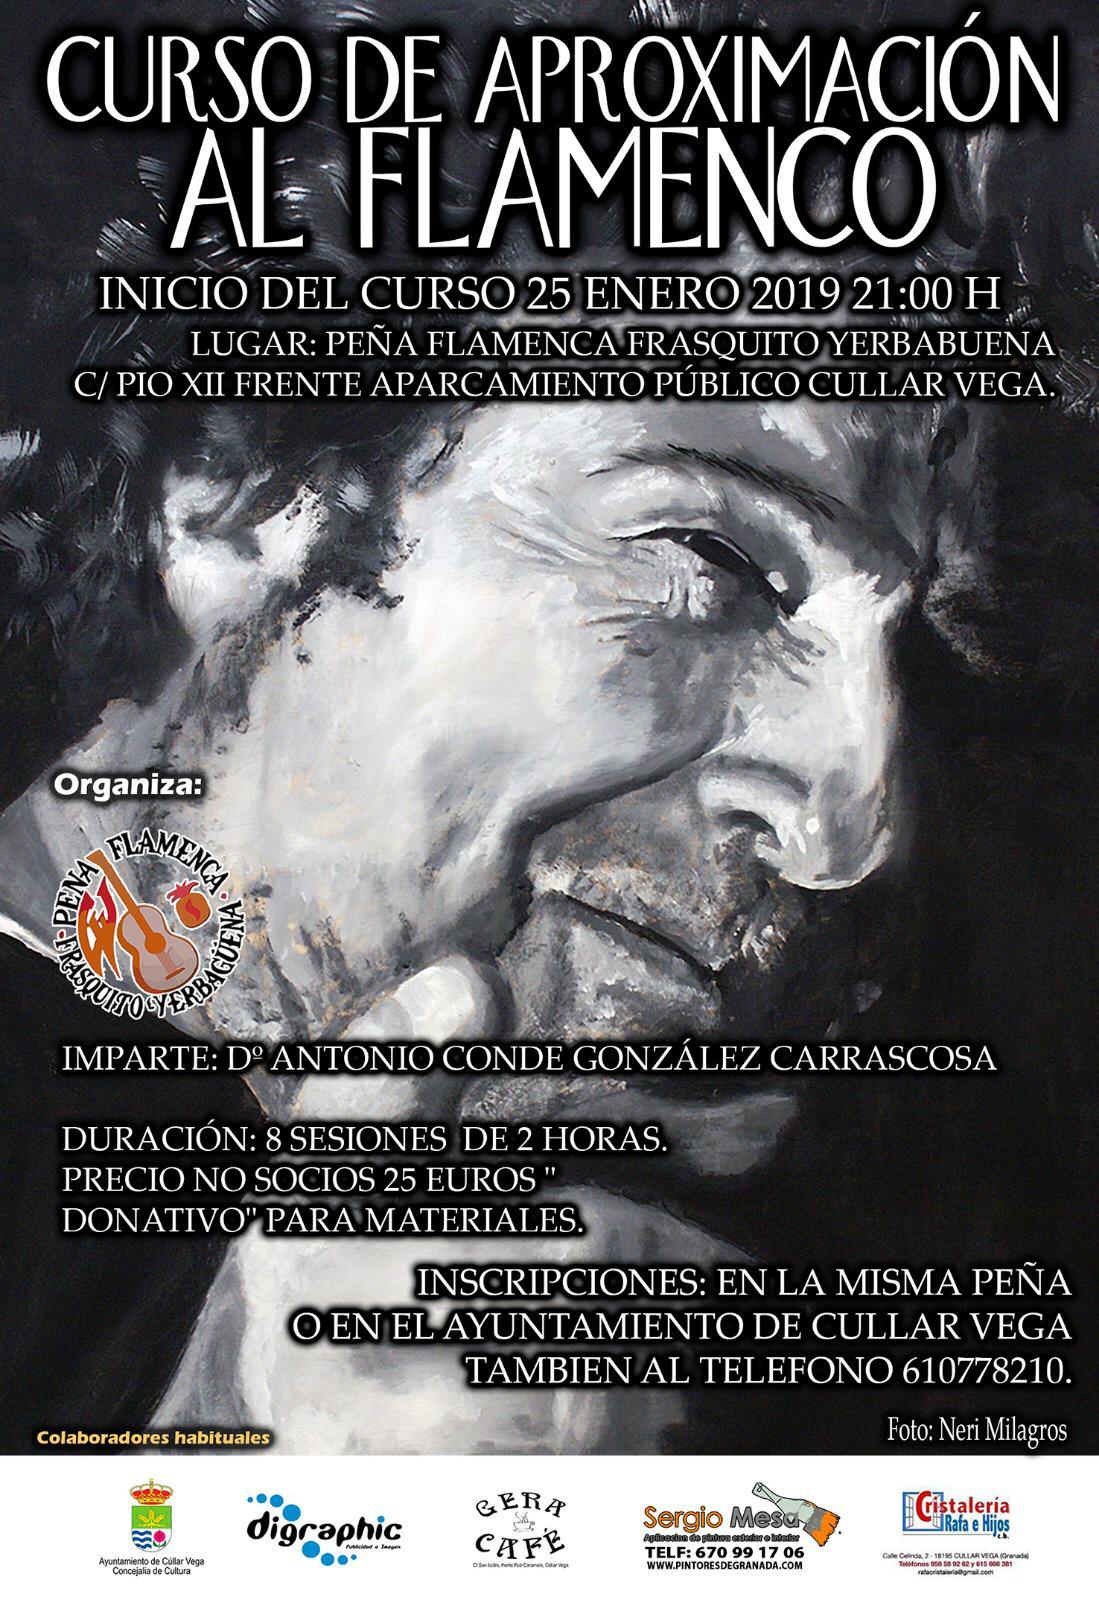 Cúllar Vega organiza un curso de iniciación al flamenco en la Peña Flamenca Frasquito Yerbabuena